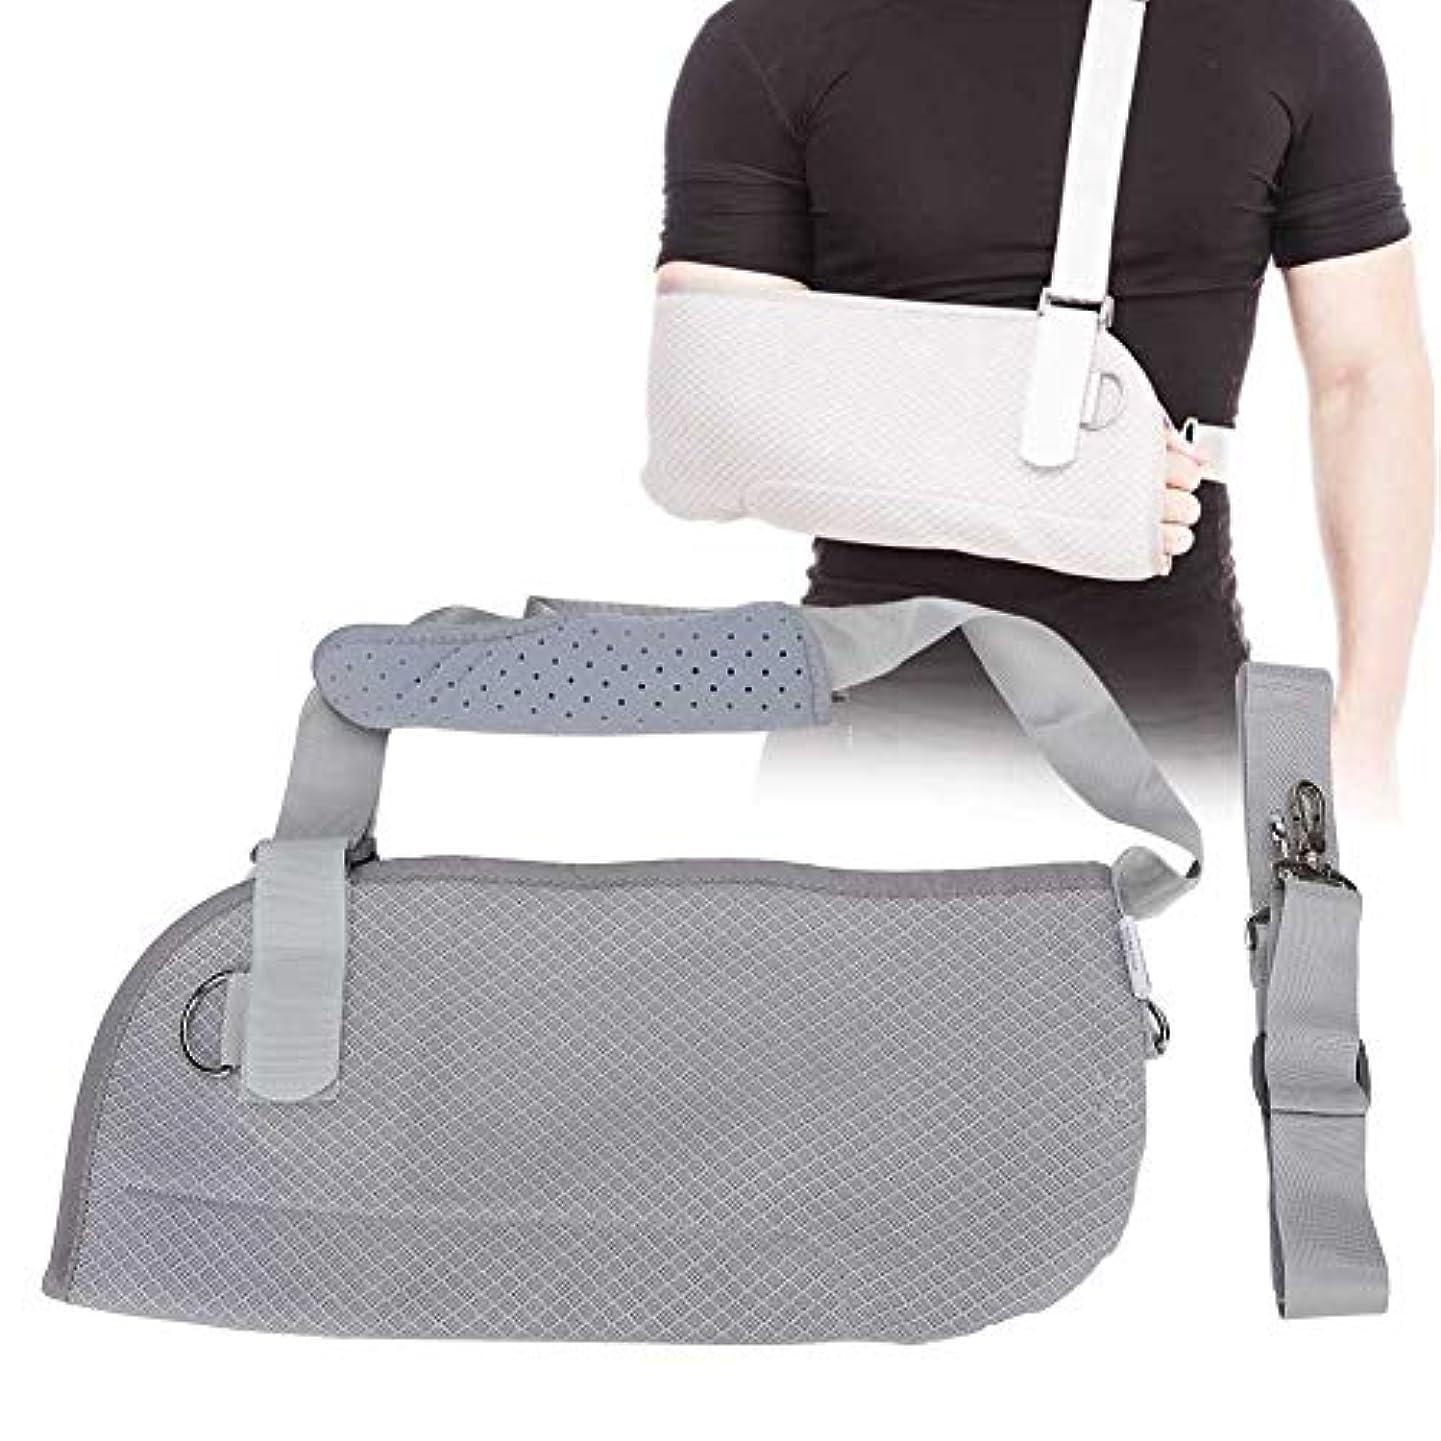 誠実彼はもっと腕のスリング、調節可能な上腕装具、亜脱臼、脱臼、捻挫、手首の捻挫、前腕骨折治療